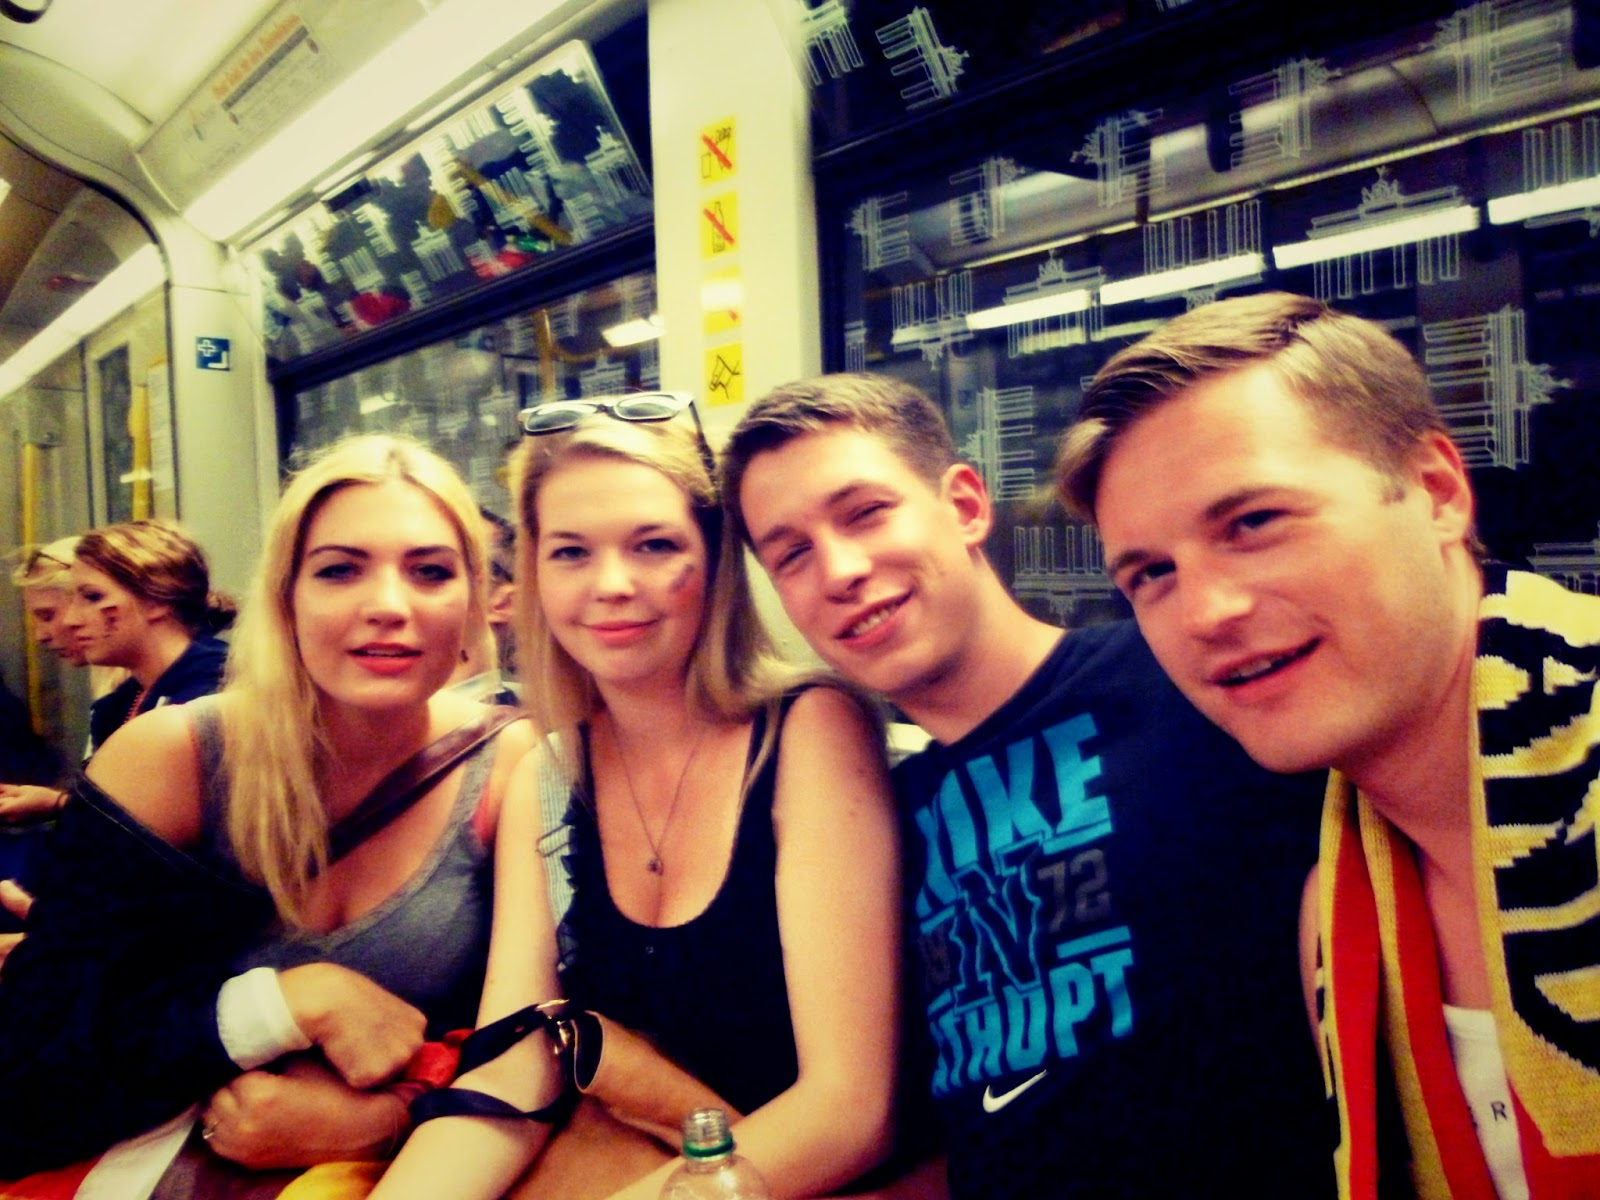 Fun in the Berlin Underground